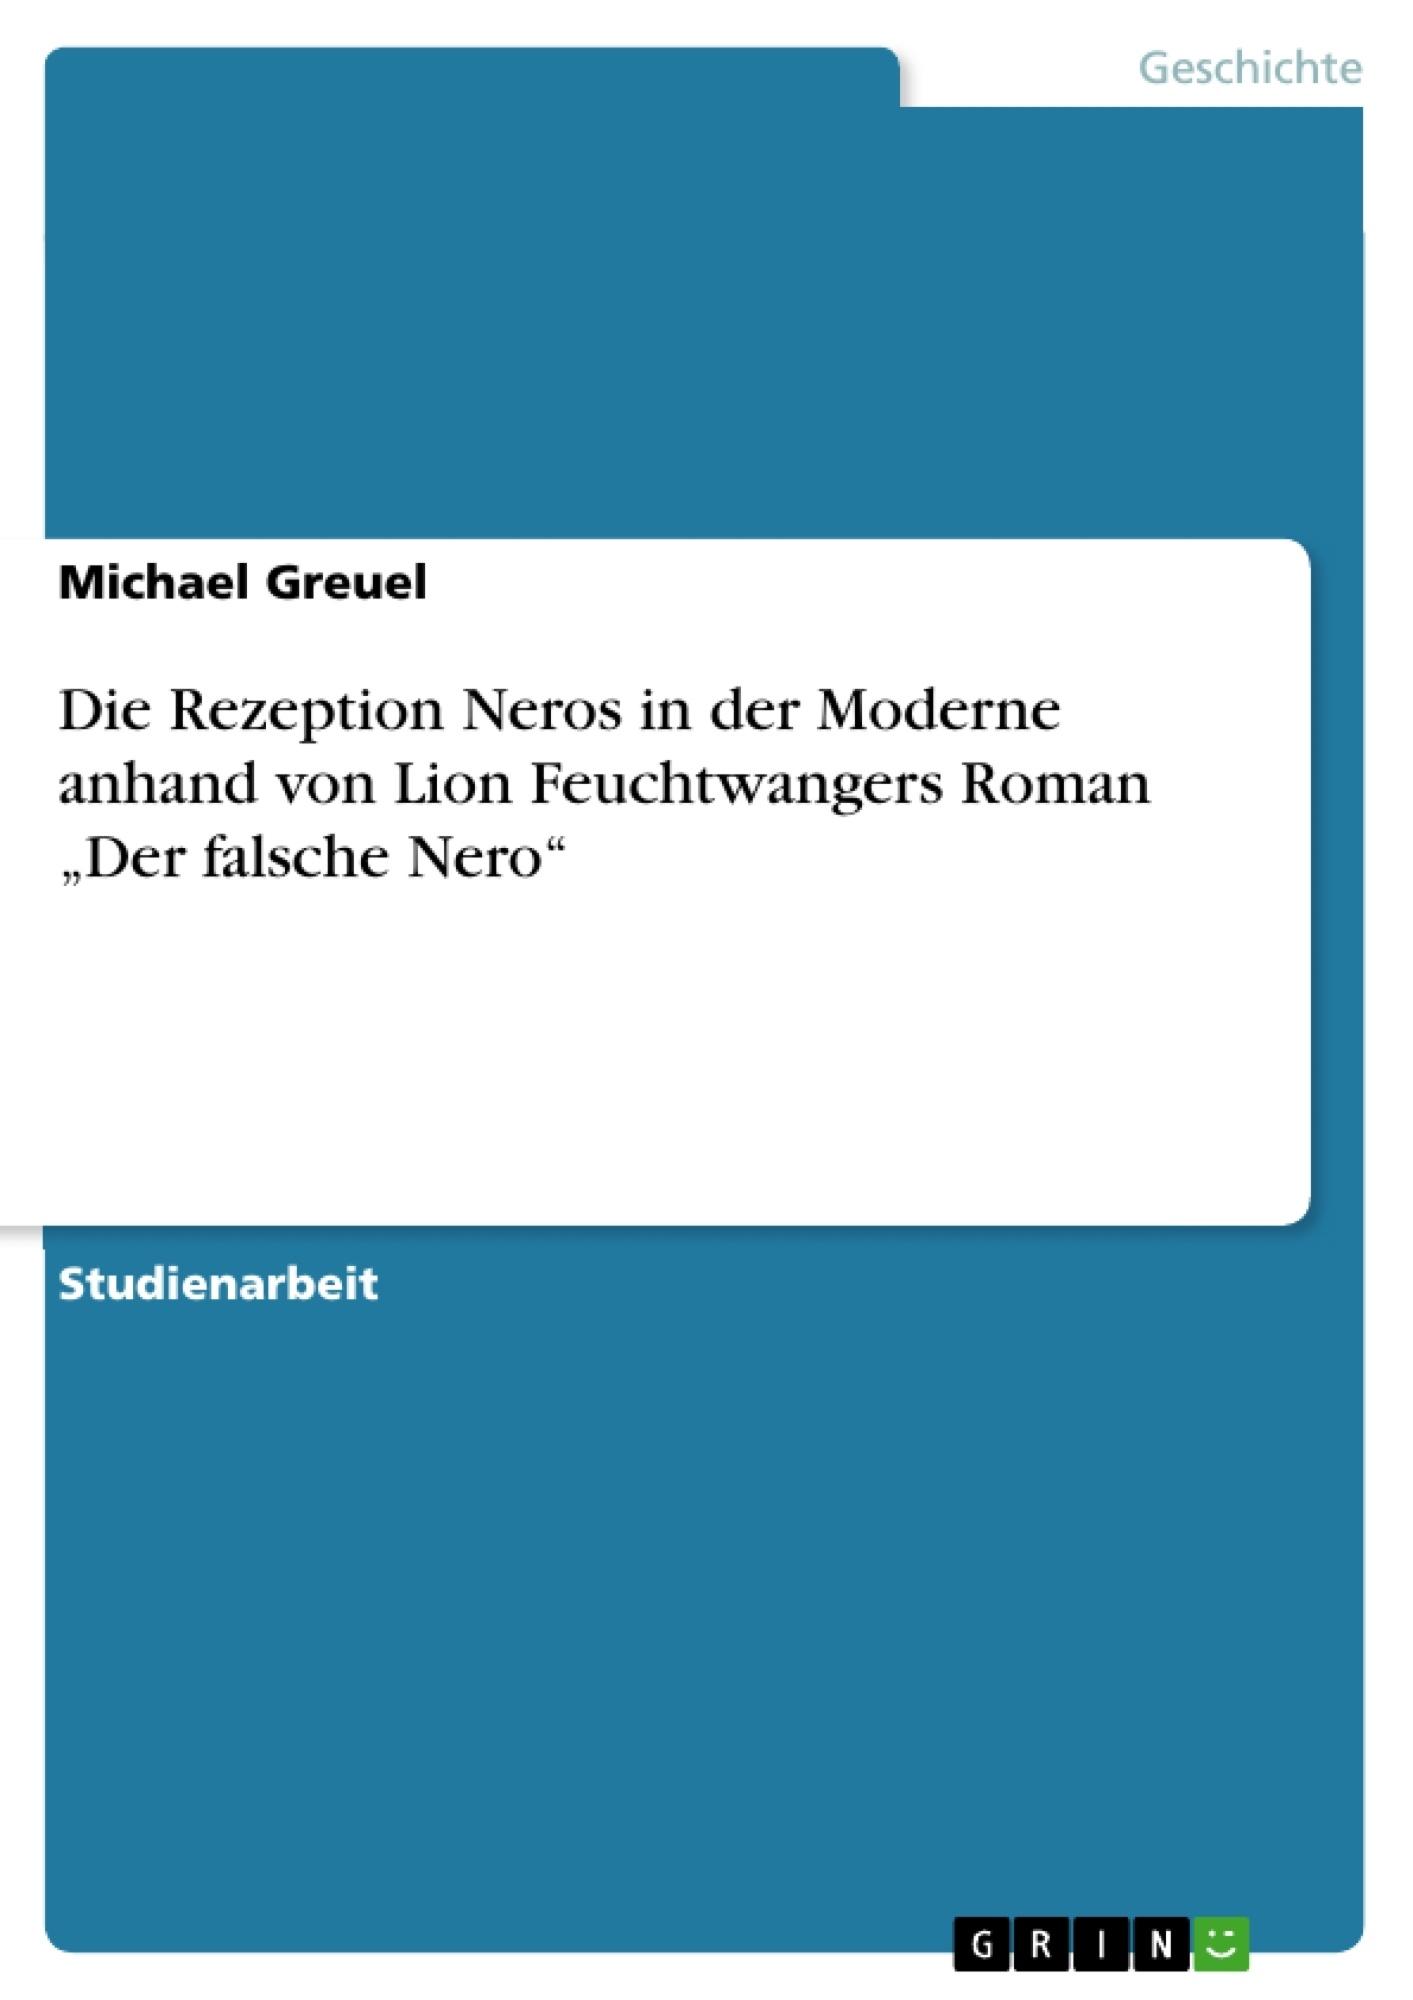 """Titel: Die Rezeption Neros in der Moderne anhand von Lion Feuchtwangers Roman """"Der falsche Nero"""""""